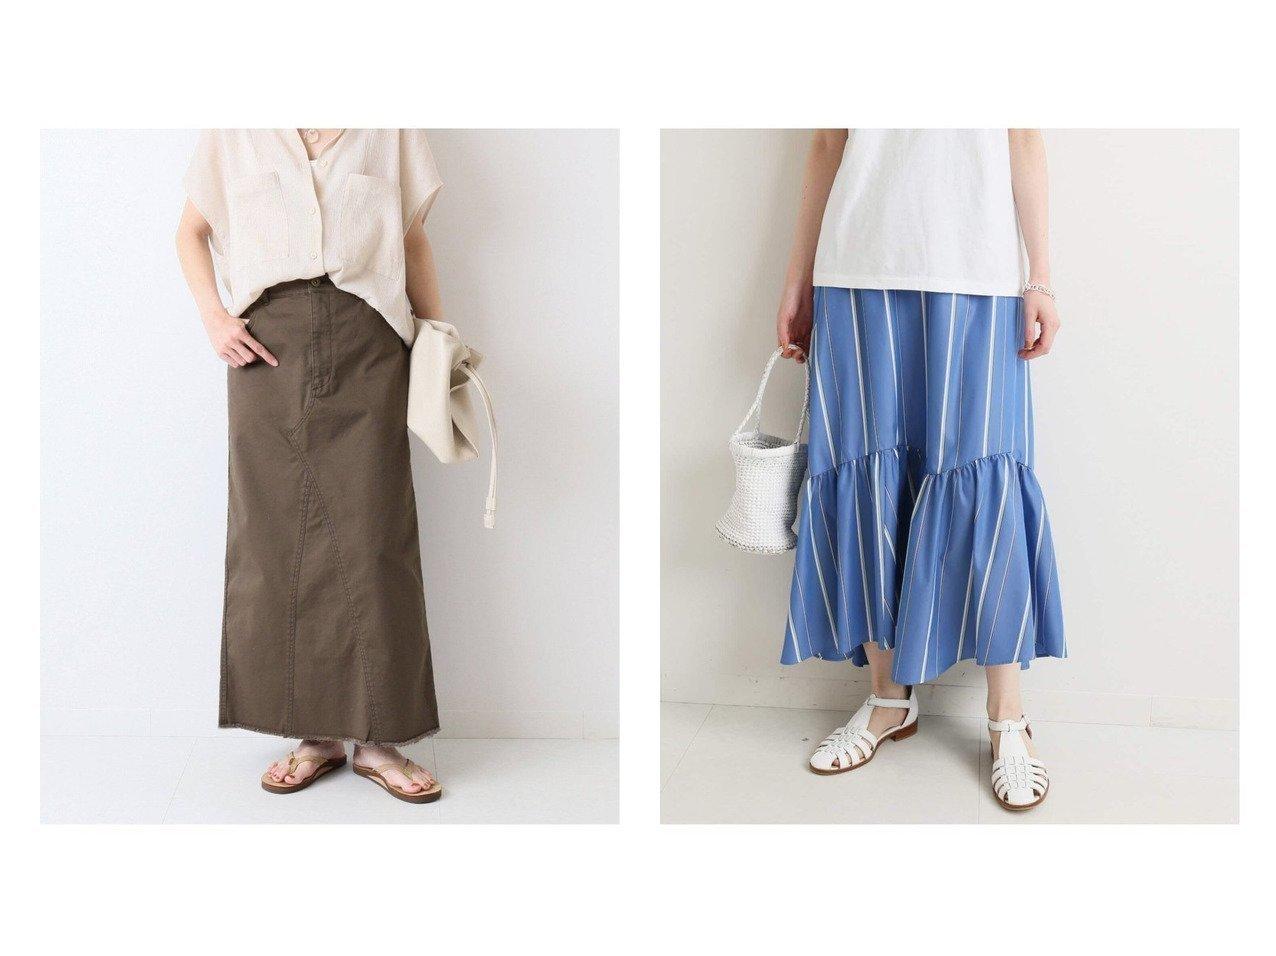 【FRAMeWORK/フレームワーク】のストレッチチノ マキシスカート&【IENA/イエナ】のストライプギャザーティアードスカート 【スカート】おすすめ!人気トレンド・レディースファッション通販 おすすめで人気の流行・トレンド、ファッションの通販商品 インテリア・家具・メンズファッション・キッズファッション・レディースファッション・服の通販 founy(ファニー) https://founy.com/ ファッション Fashion レディースファッション WOMEN スカート Skirt ティアードスカート Tiered Skirts ロングスカート Long Skirt 2021年 2021 2021春夏・S/S SS/Spring/Summer/2021 S/S・春夏 SS・Spring/Summer おすすめ Recommend カラフル ギャザー シンプル ストライプ 人気 夏 Summer 春 Spring コンパクト ストレッチ ストレート フレーム マキシ リメイク ロング ワーク  ID:crp329100000051511